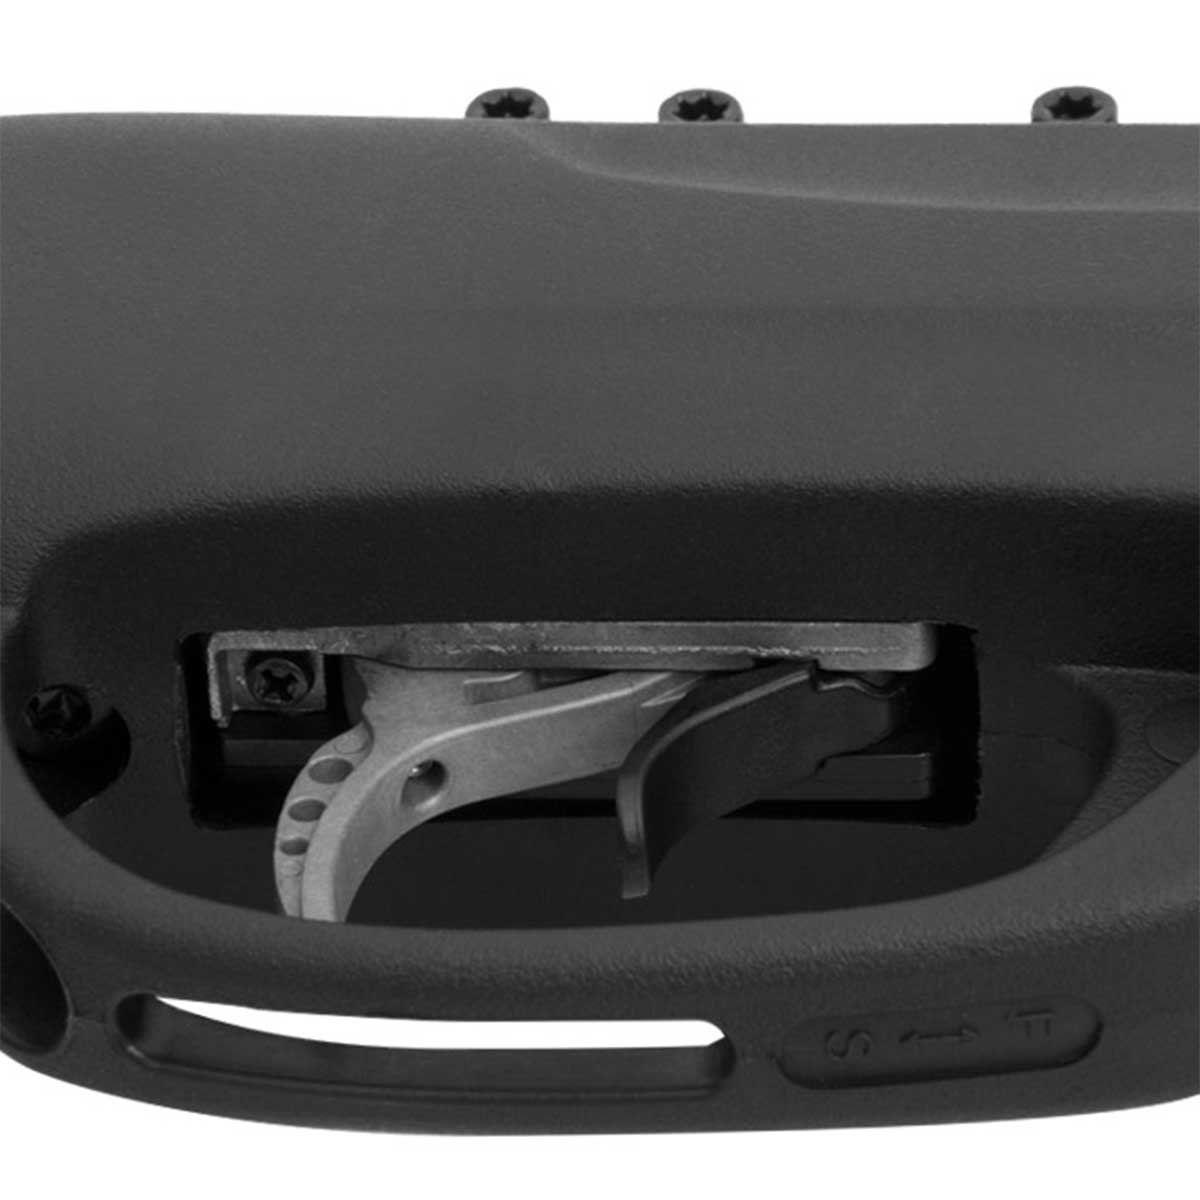 Carabina de Pressão Gamo Replay 10 Maxxim 5,5mm